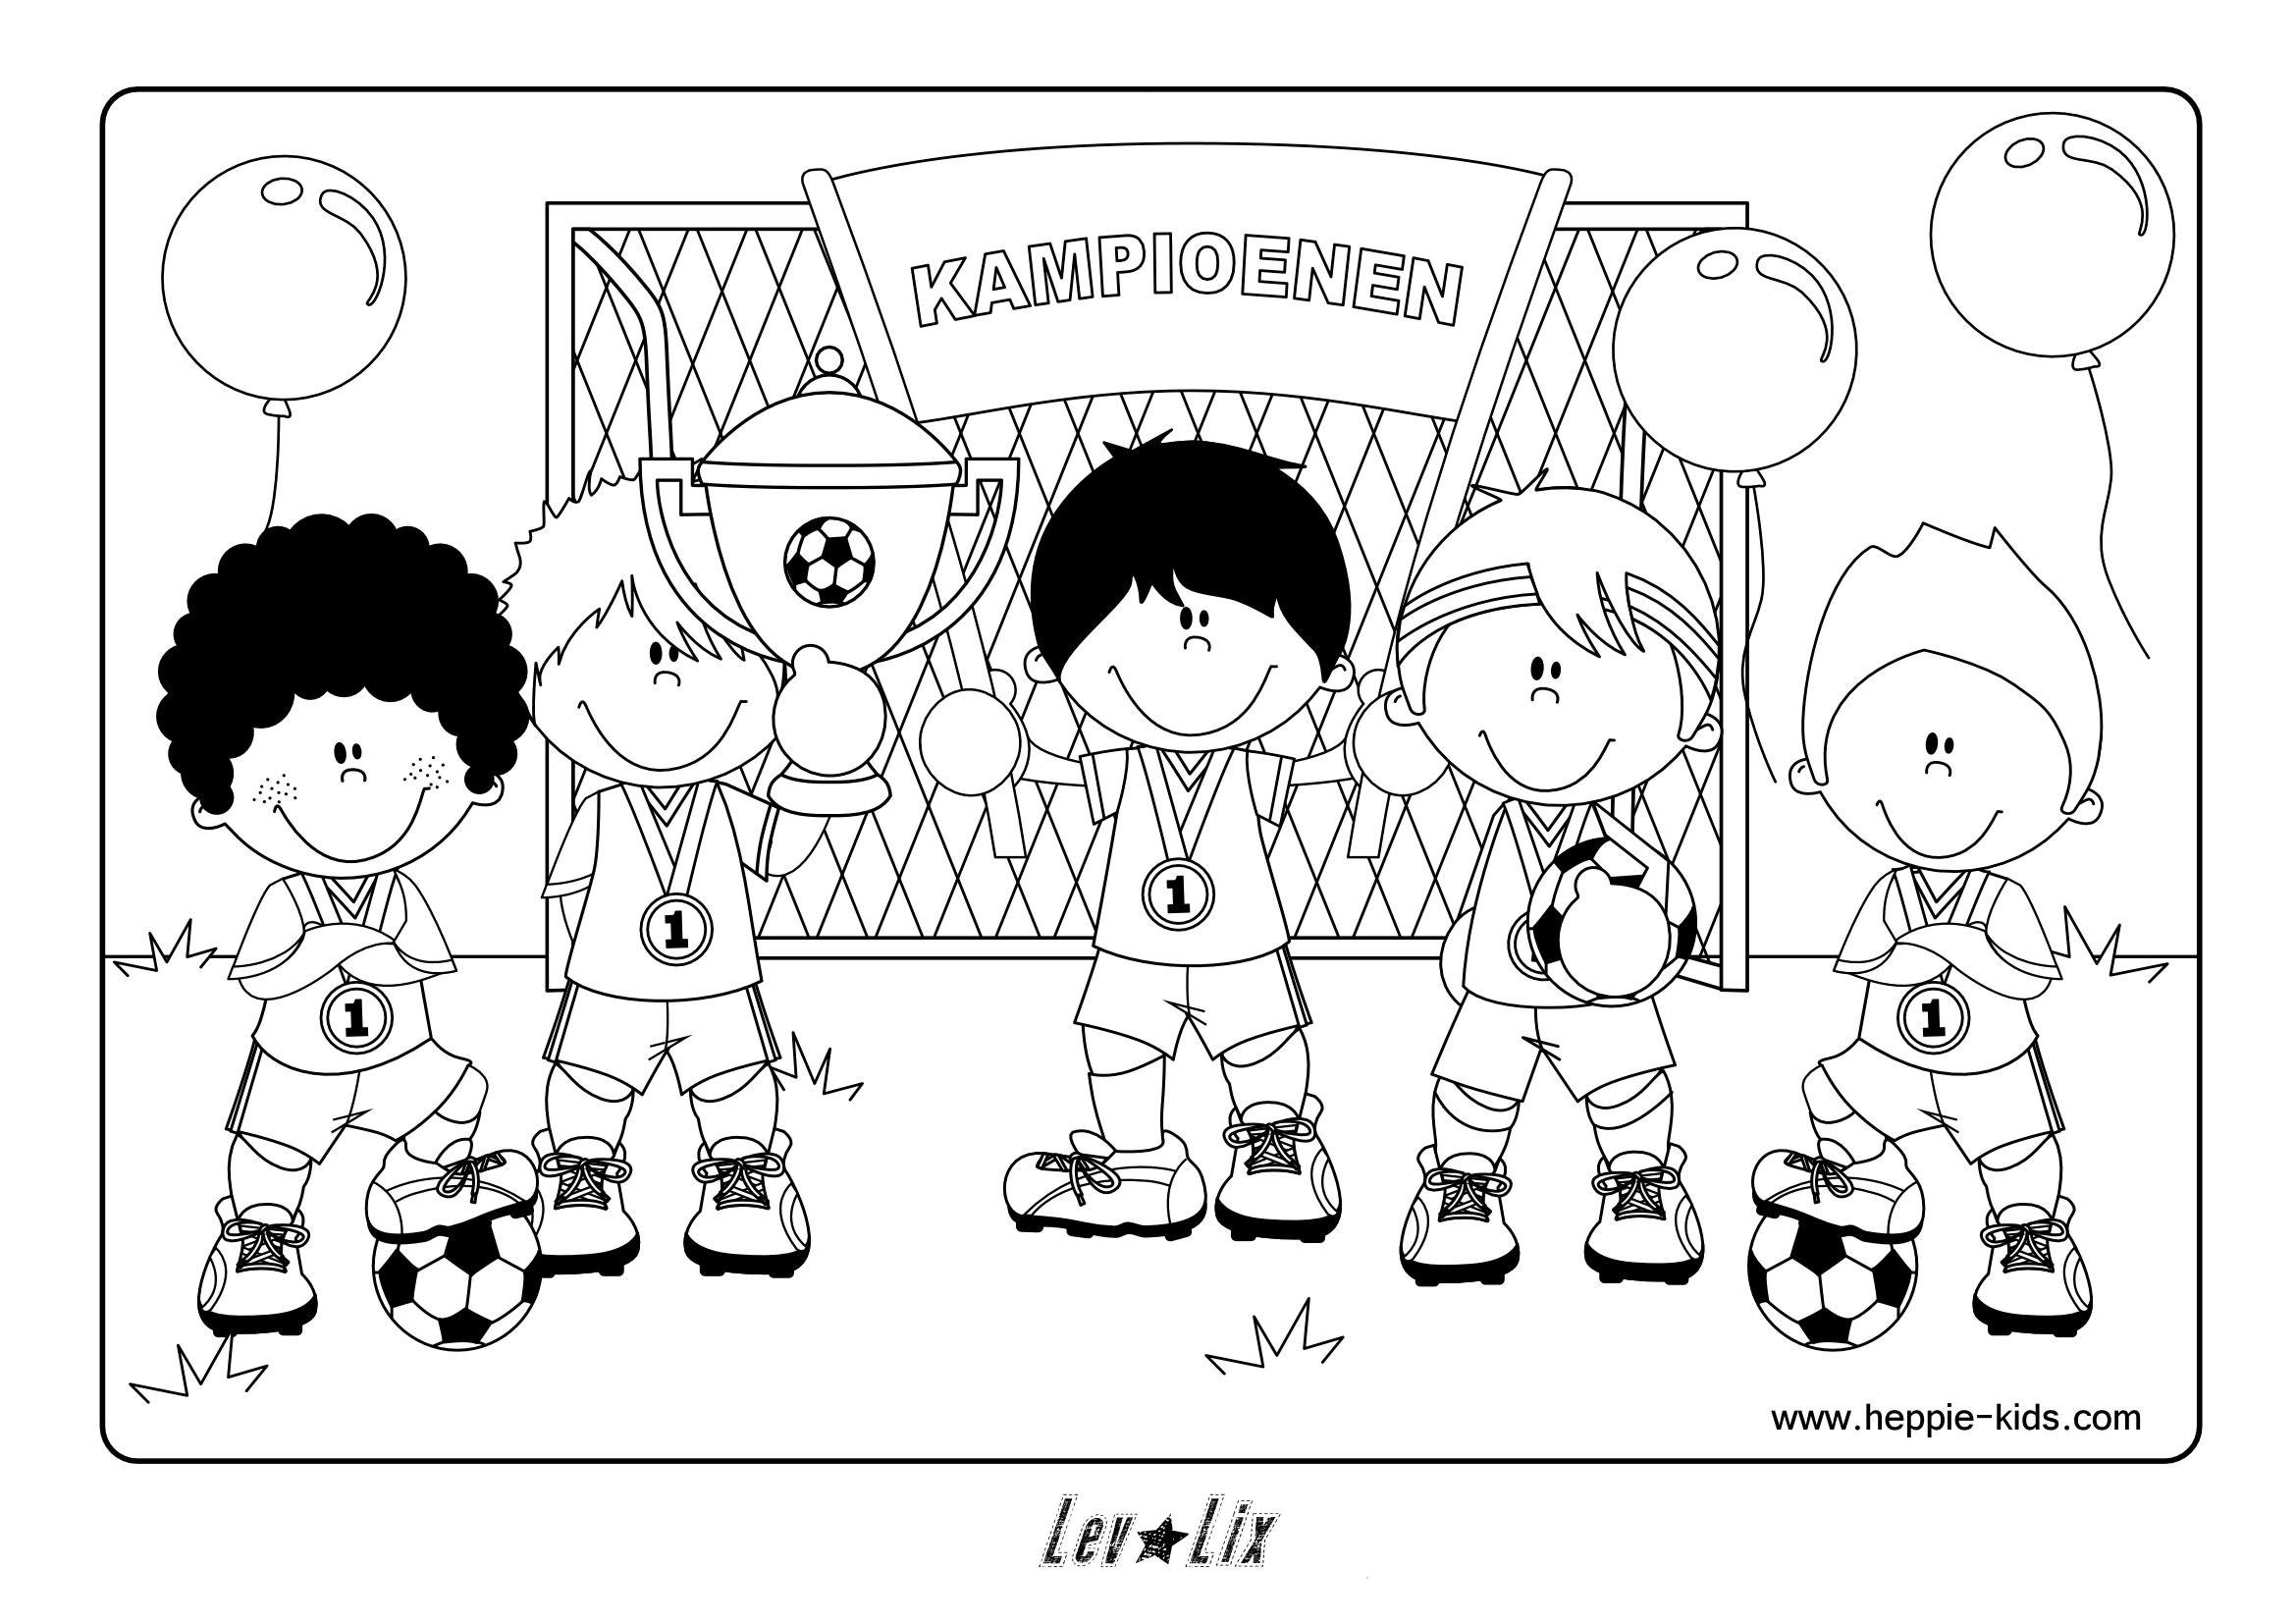 Kleurplaat Voetbal Heppie Kids